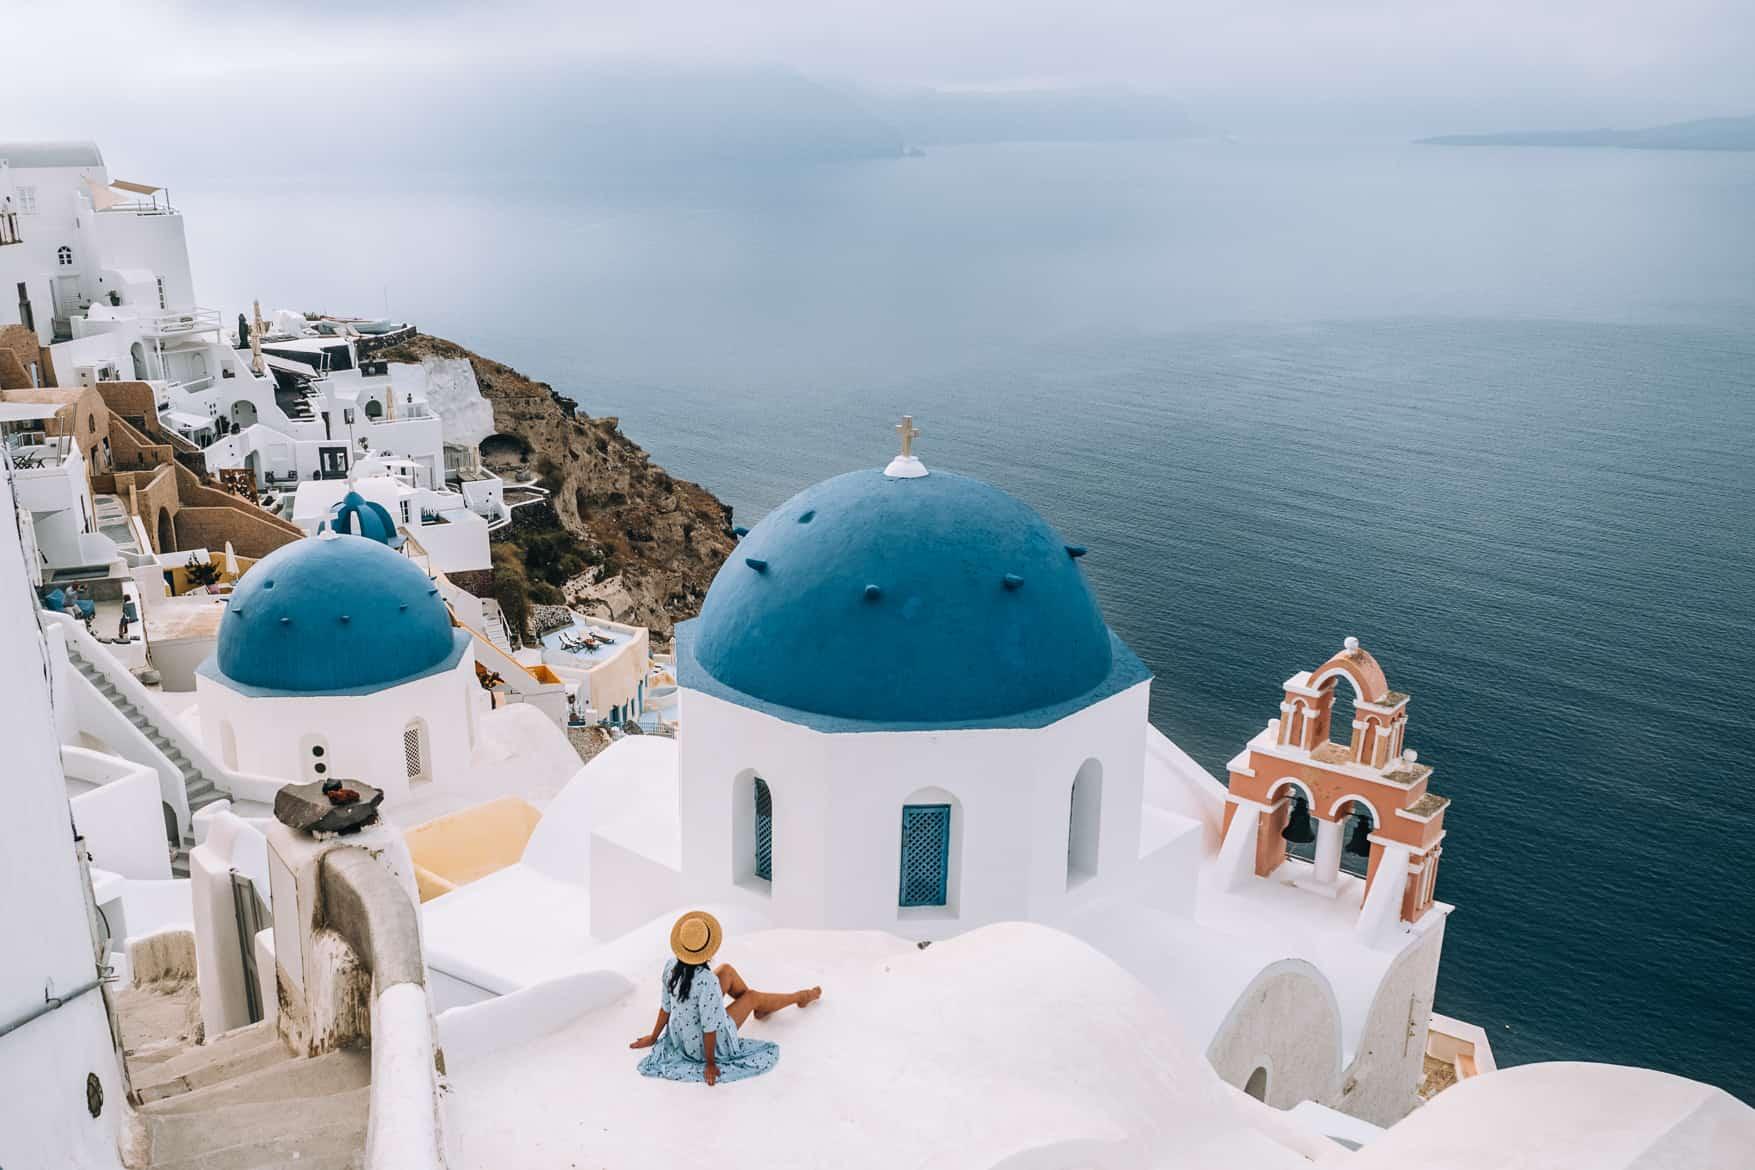 Santorini Travel Guide - Die besten Tipps, Ausflugsziele & Fotospots